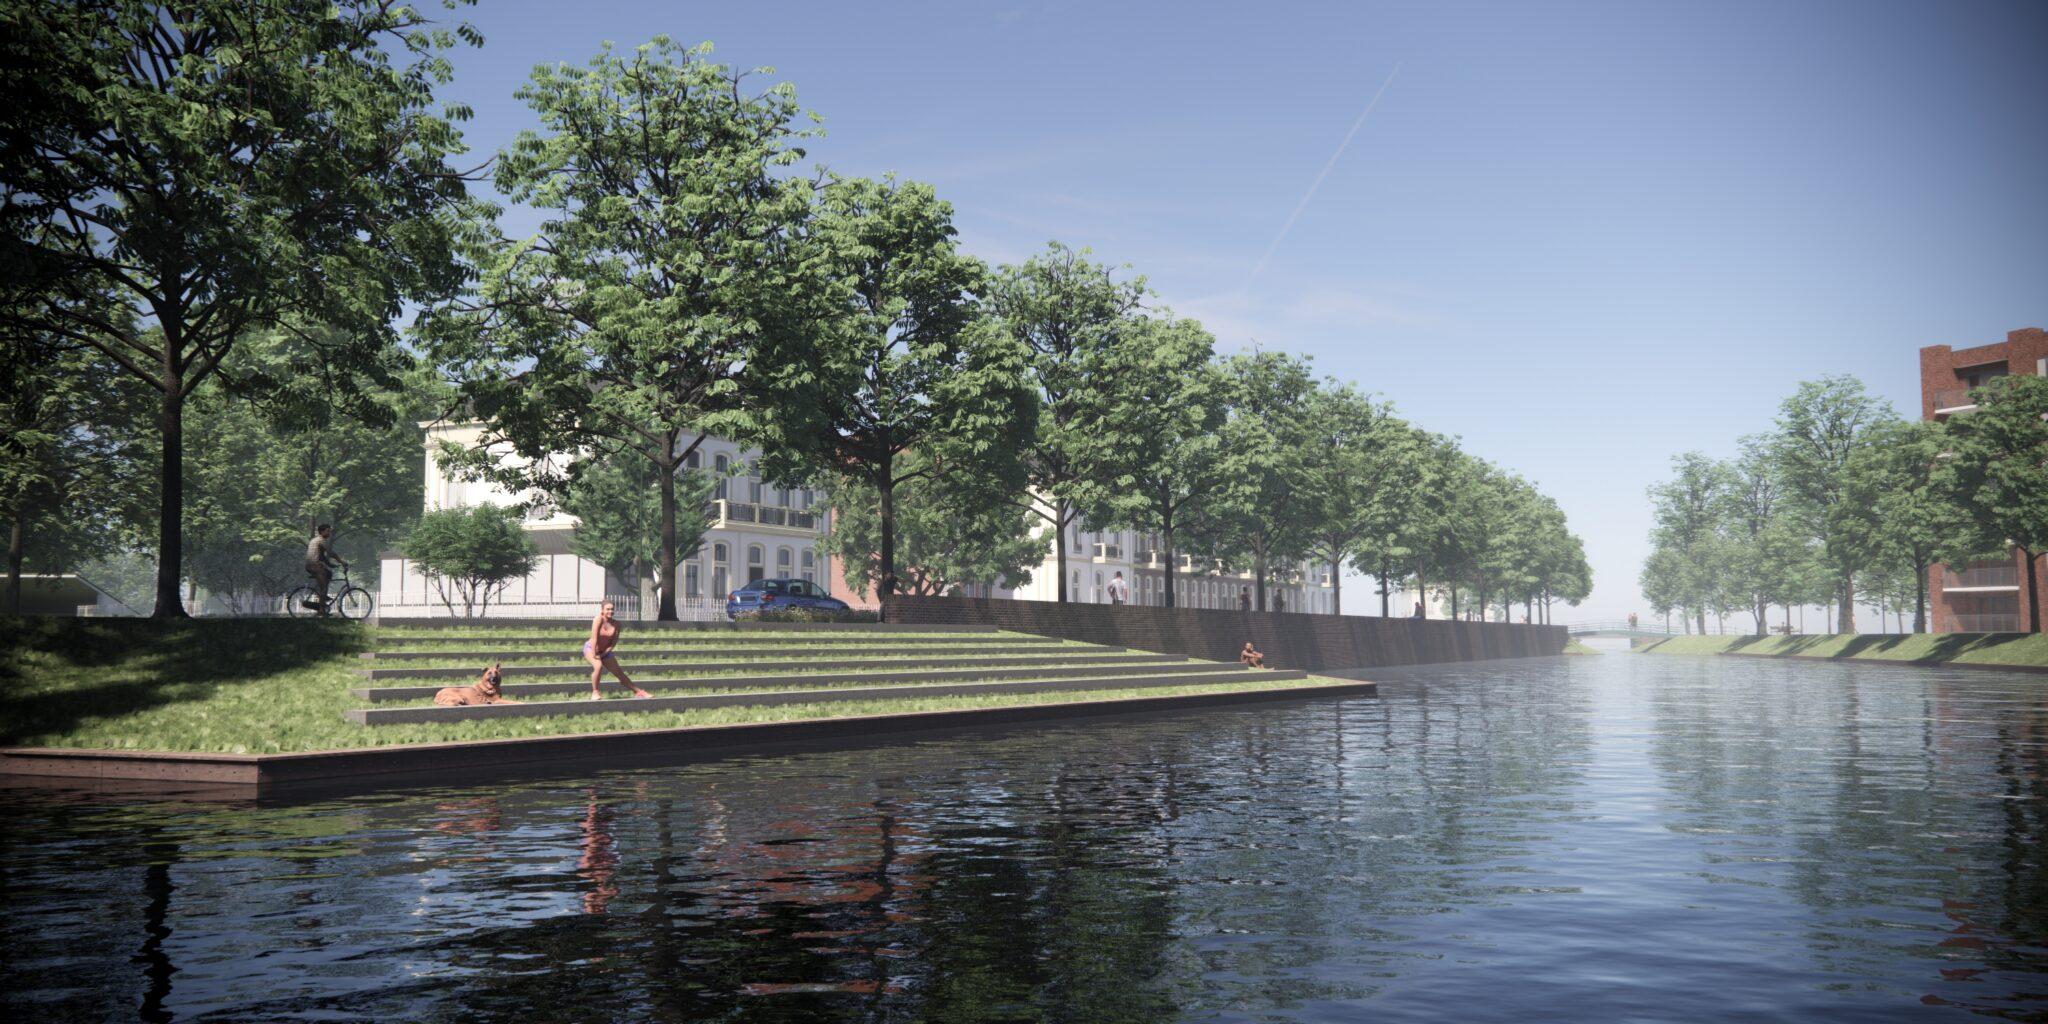 Zo ziet de Oostdam er straks uit: 'De stemming is nu een stuk beter dan eerst' (foto's) - indebuurt